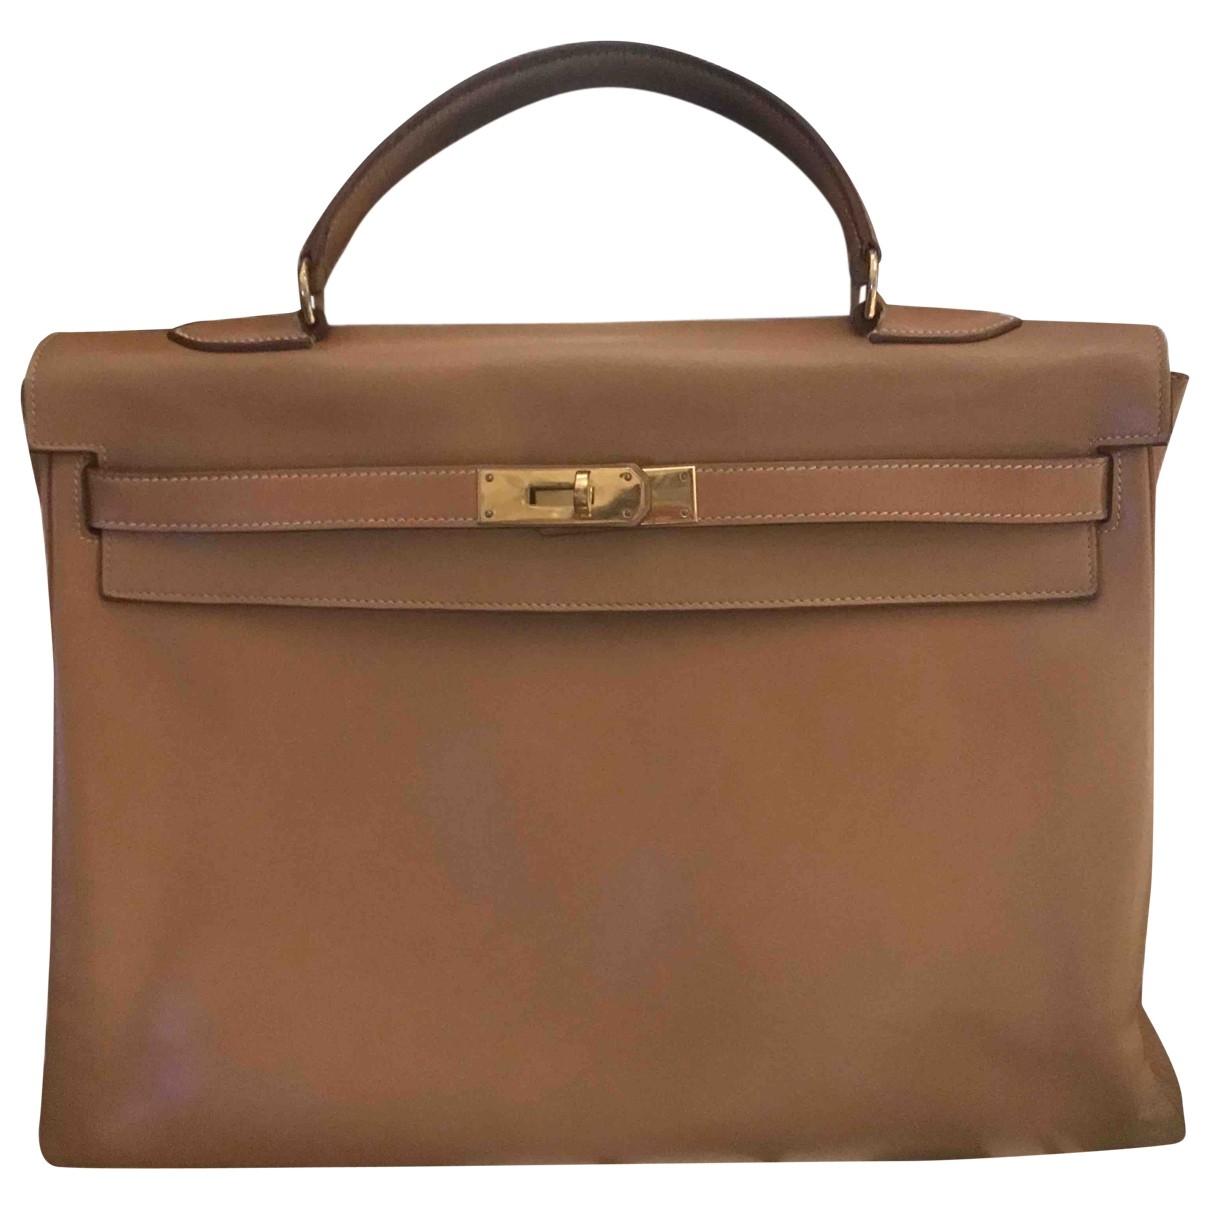 Hermes Kelly 35 Handtasche in  Kamel Leder